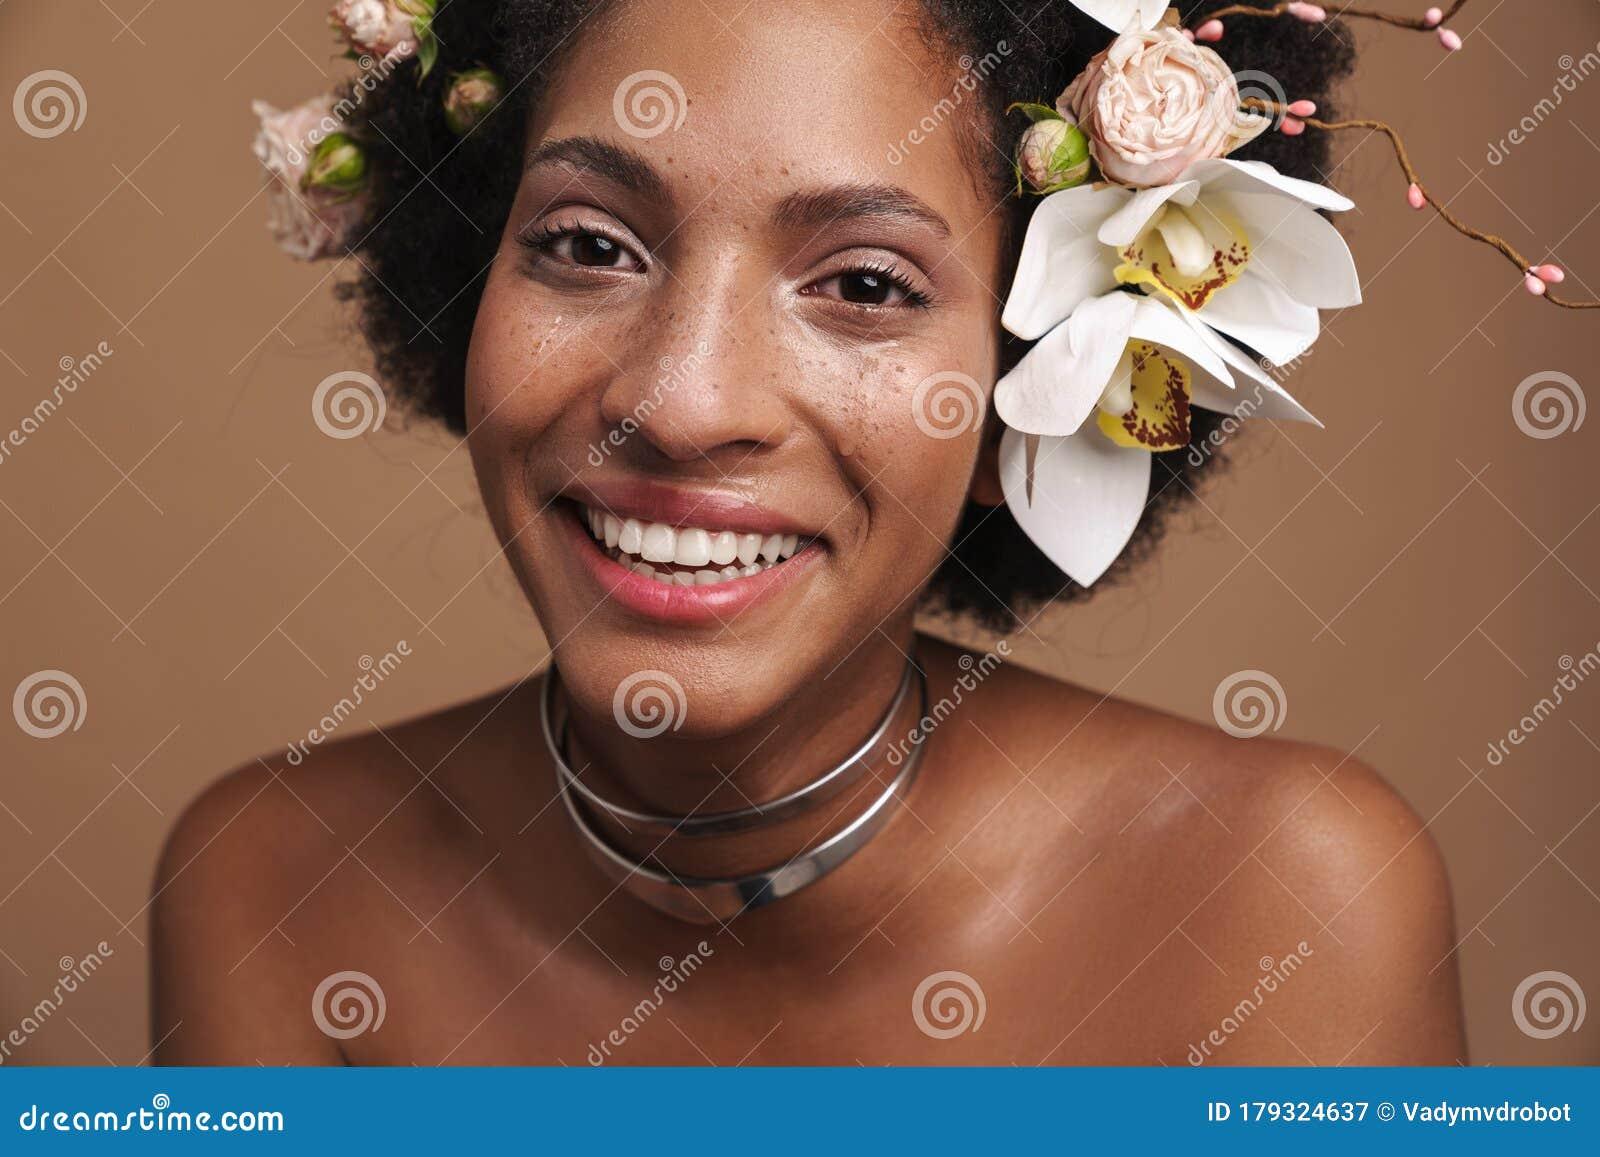 Etiope | Beautiful black women, Black beauties, Black girl